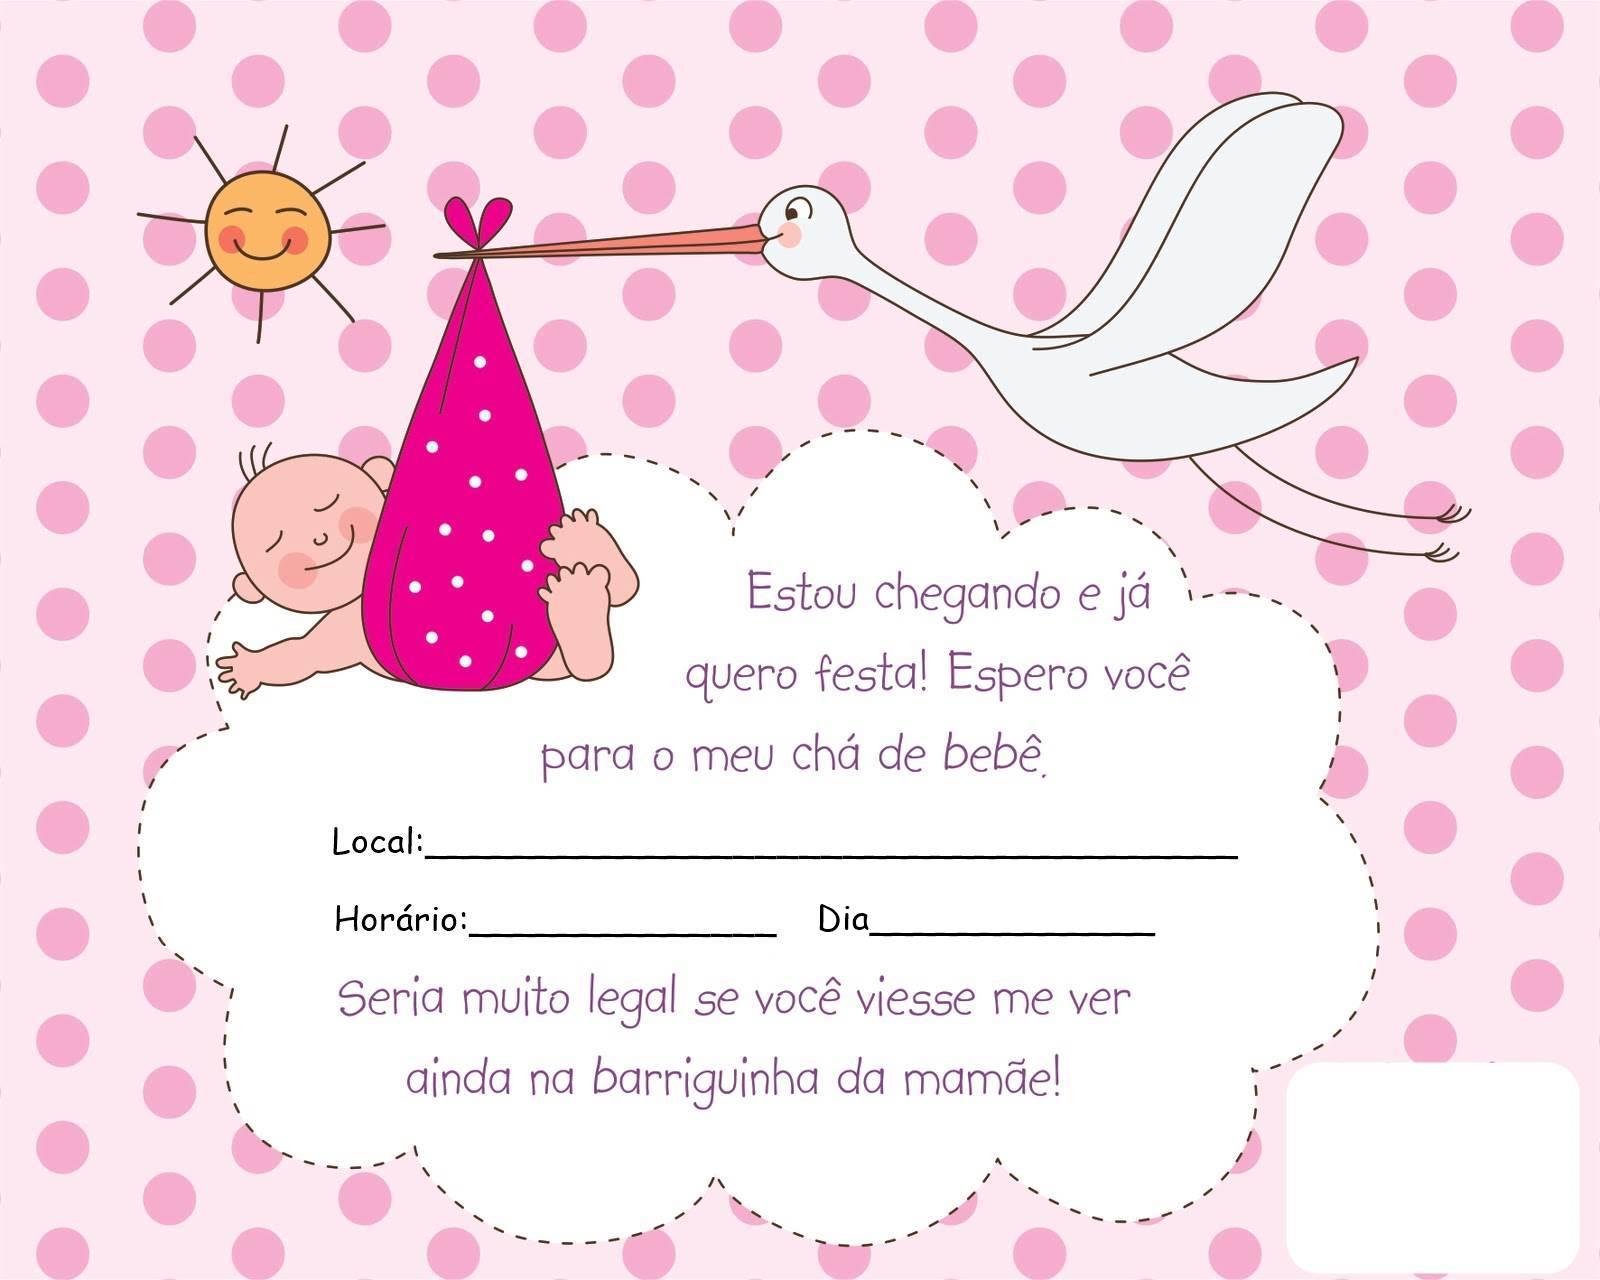 25 Modelos De Convite Para Chá De Bebê Cantinho Do Educador Infantil